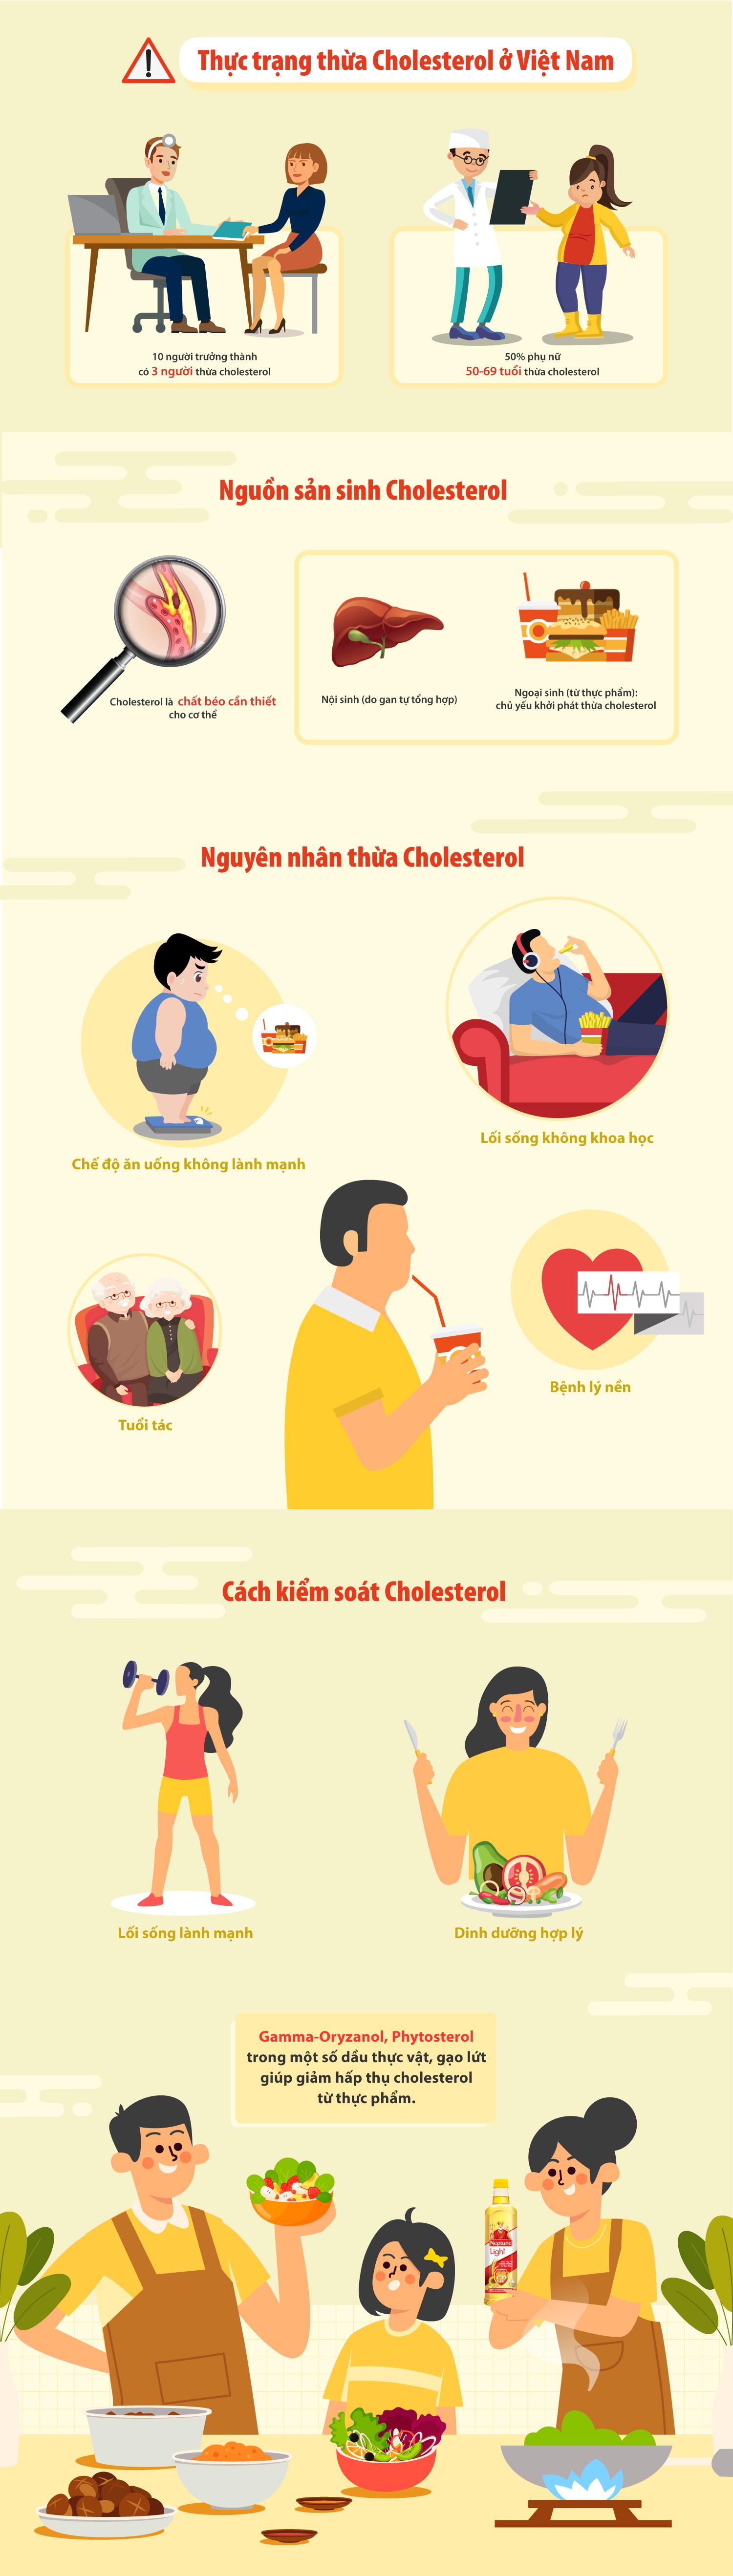 Khoảng 30% người trưởng thành thừa cholesterol